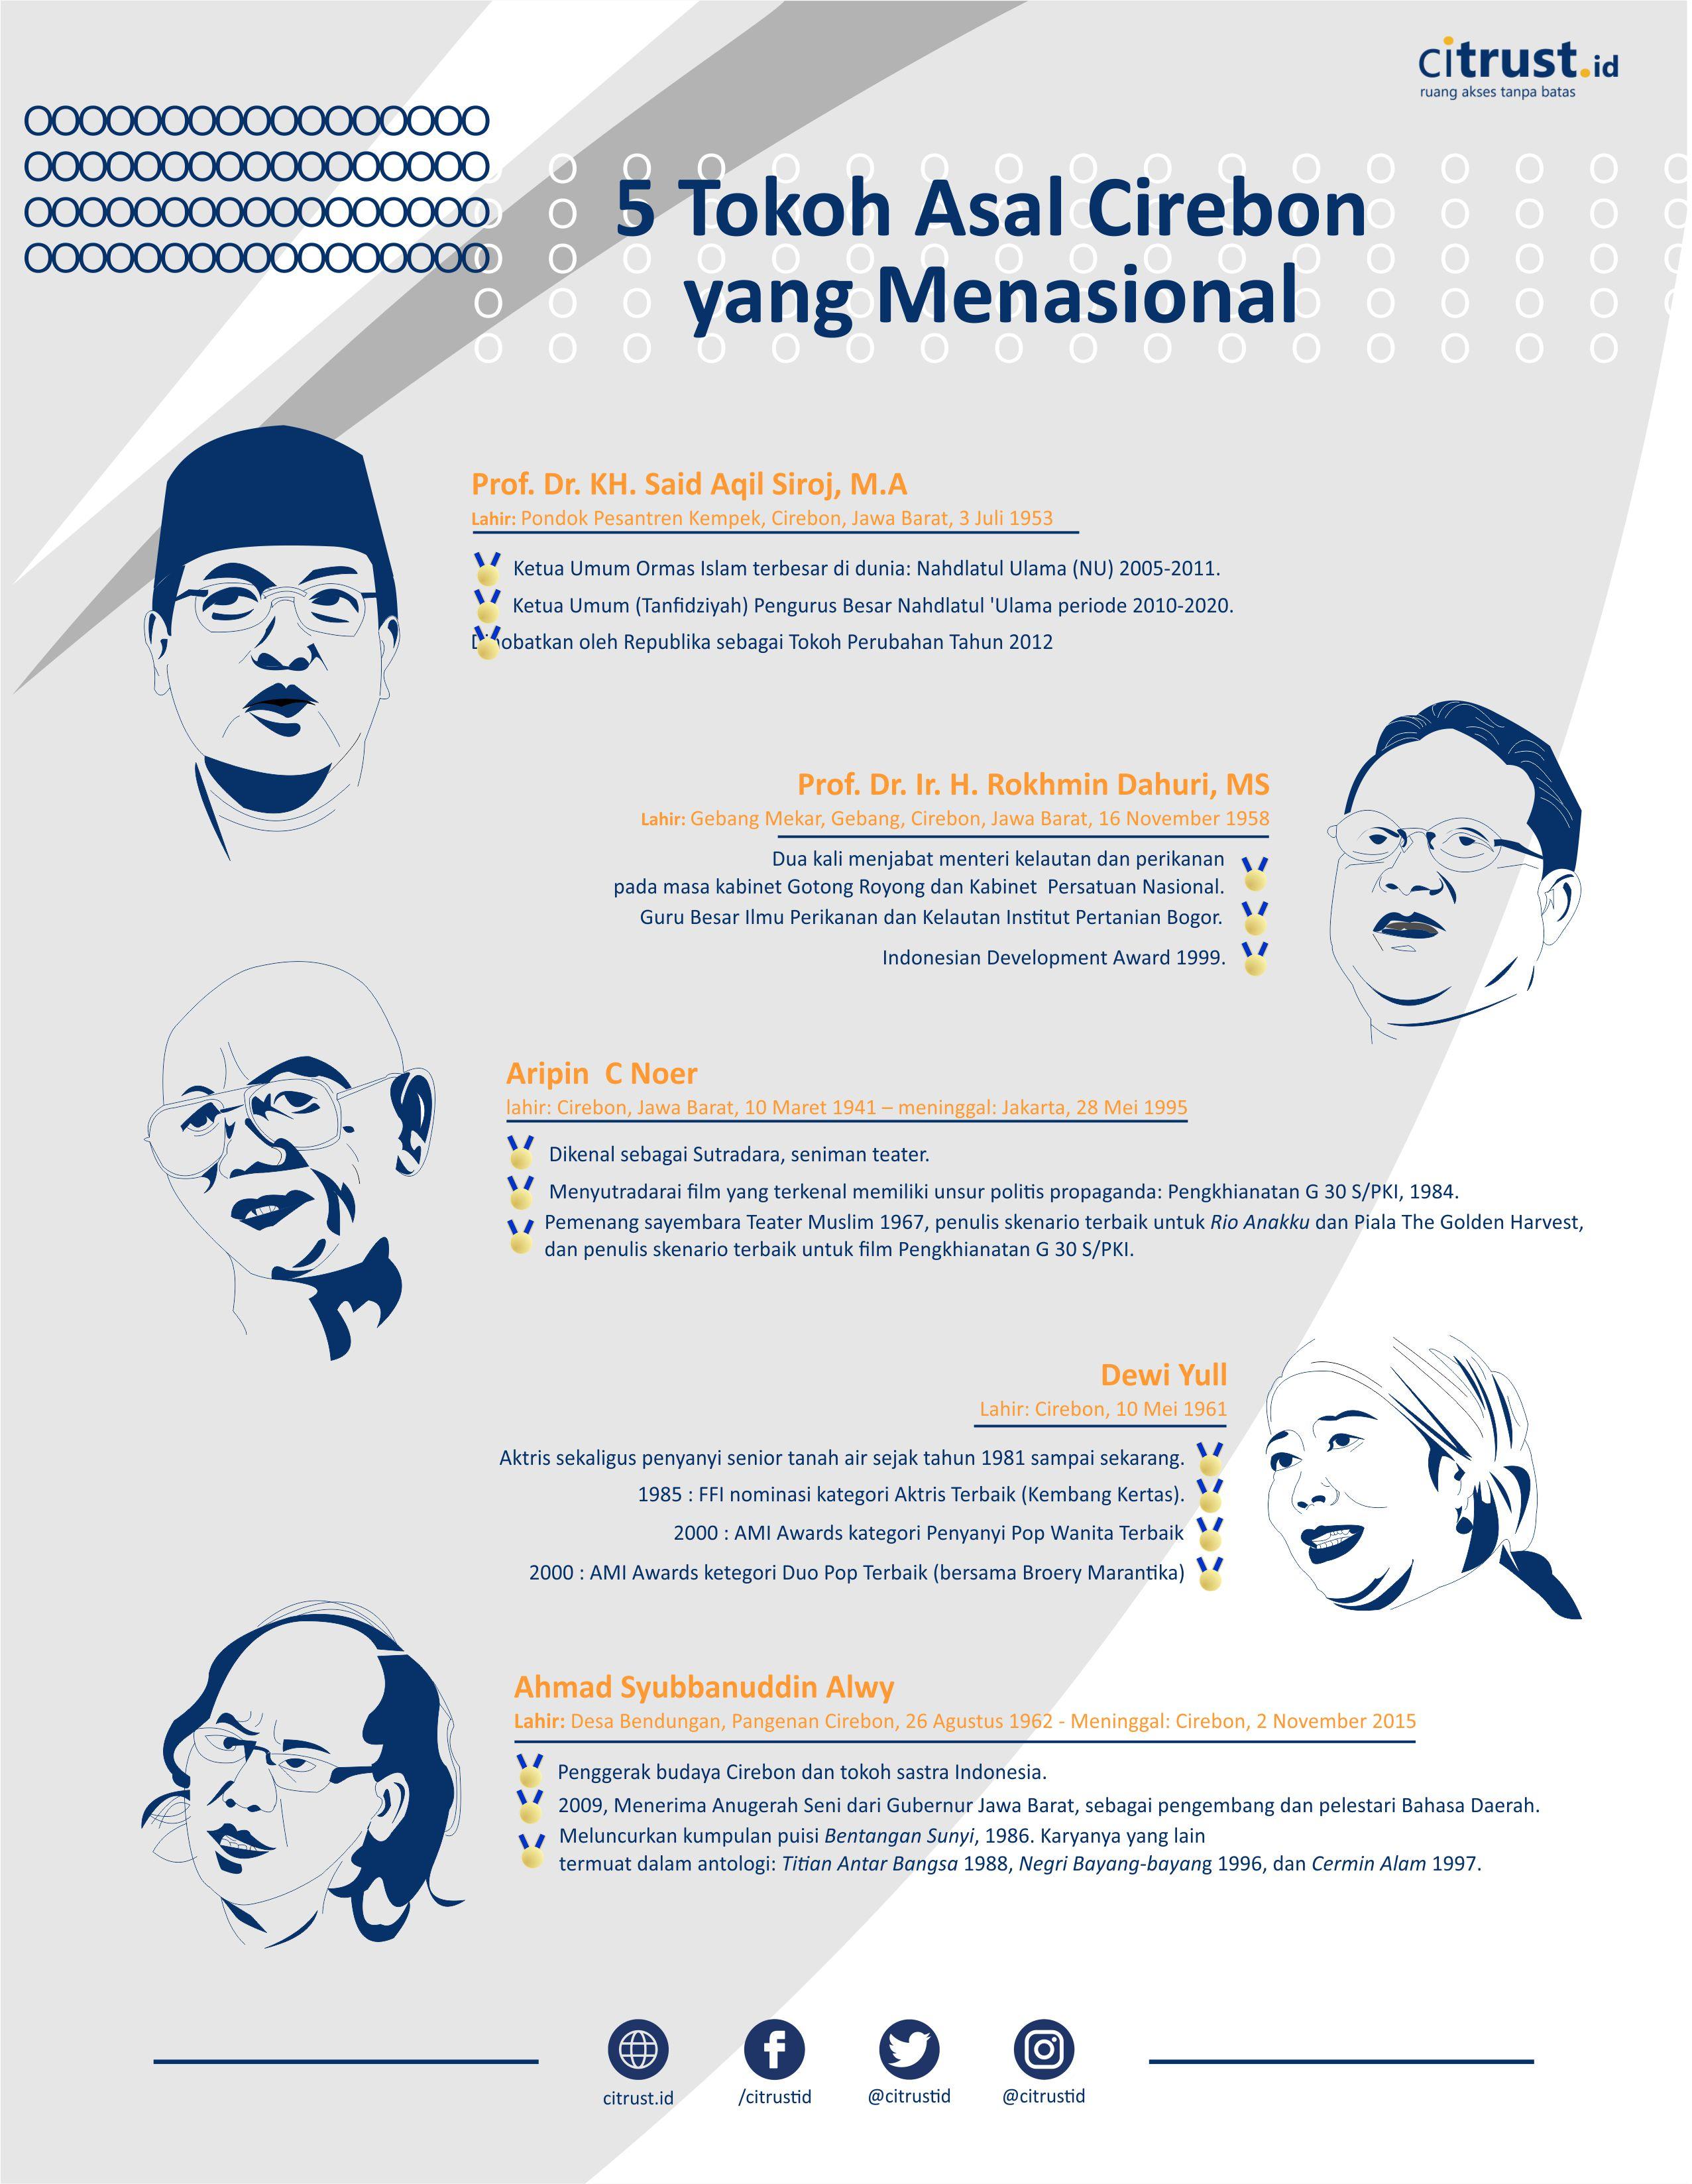 infografis tokoh cirebon